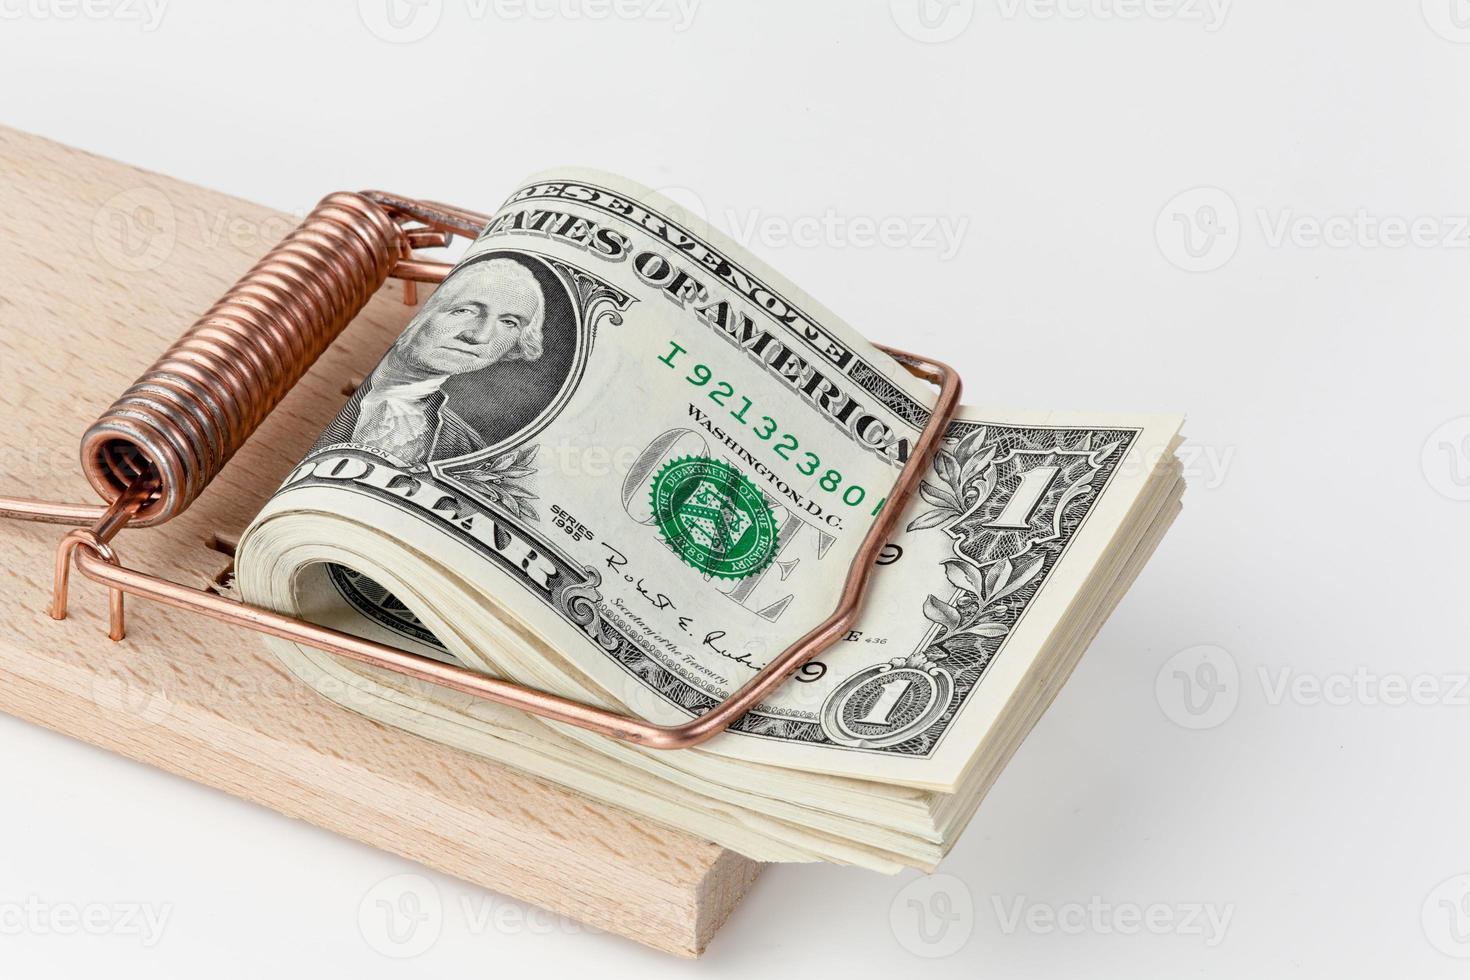 billetes de un dólar en trampa para ratones foto